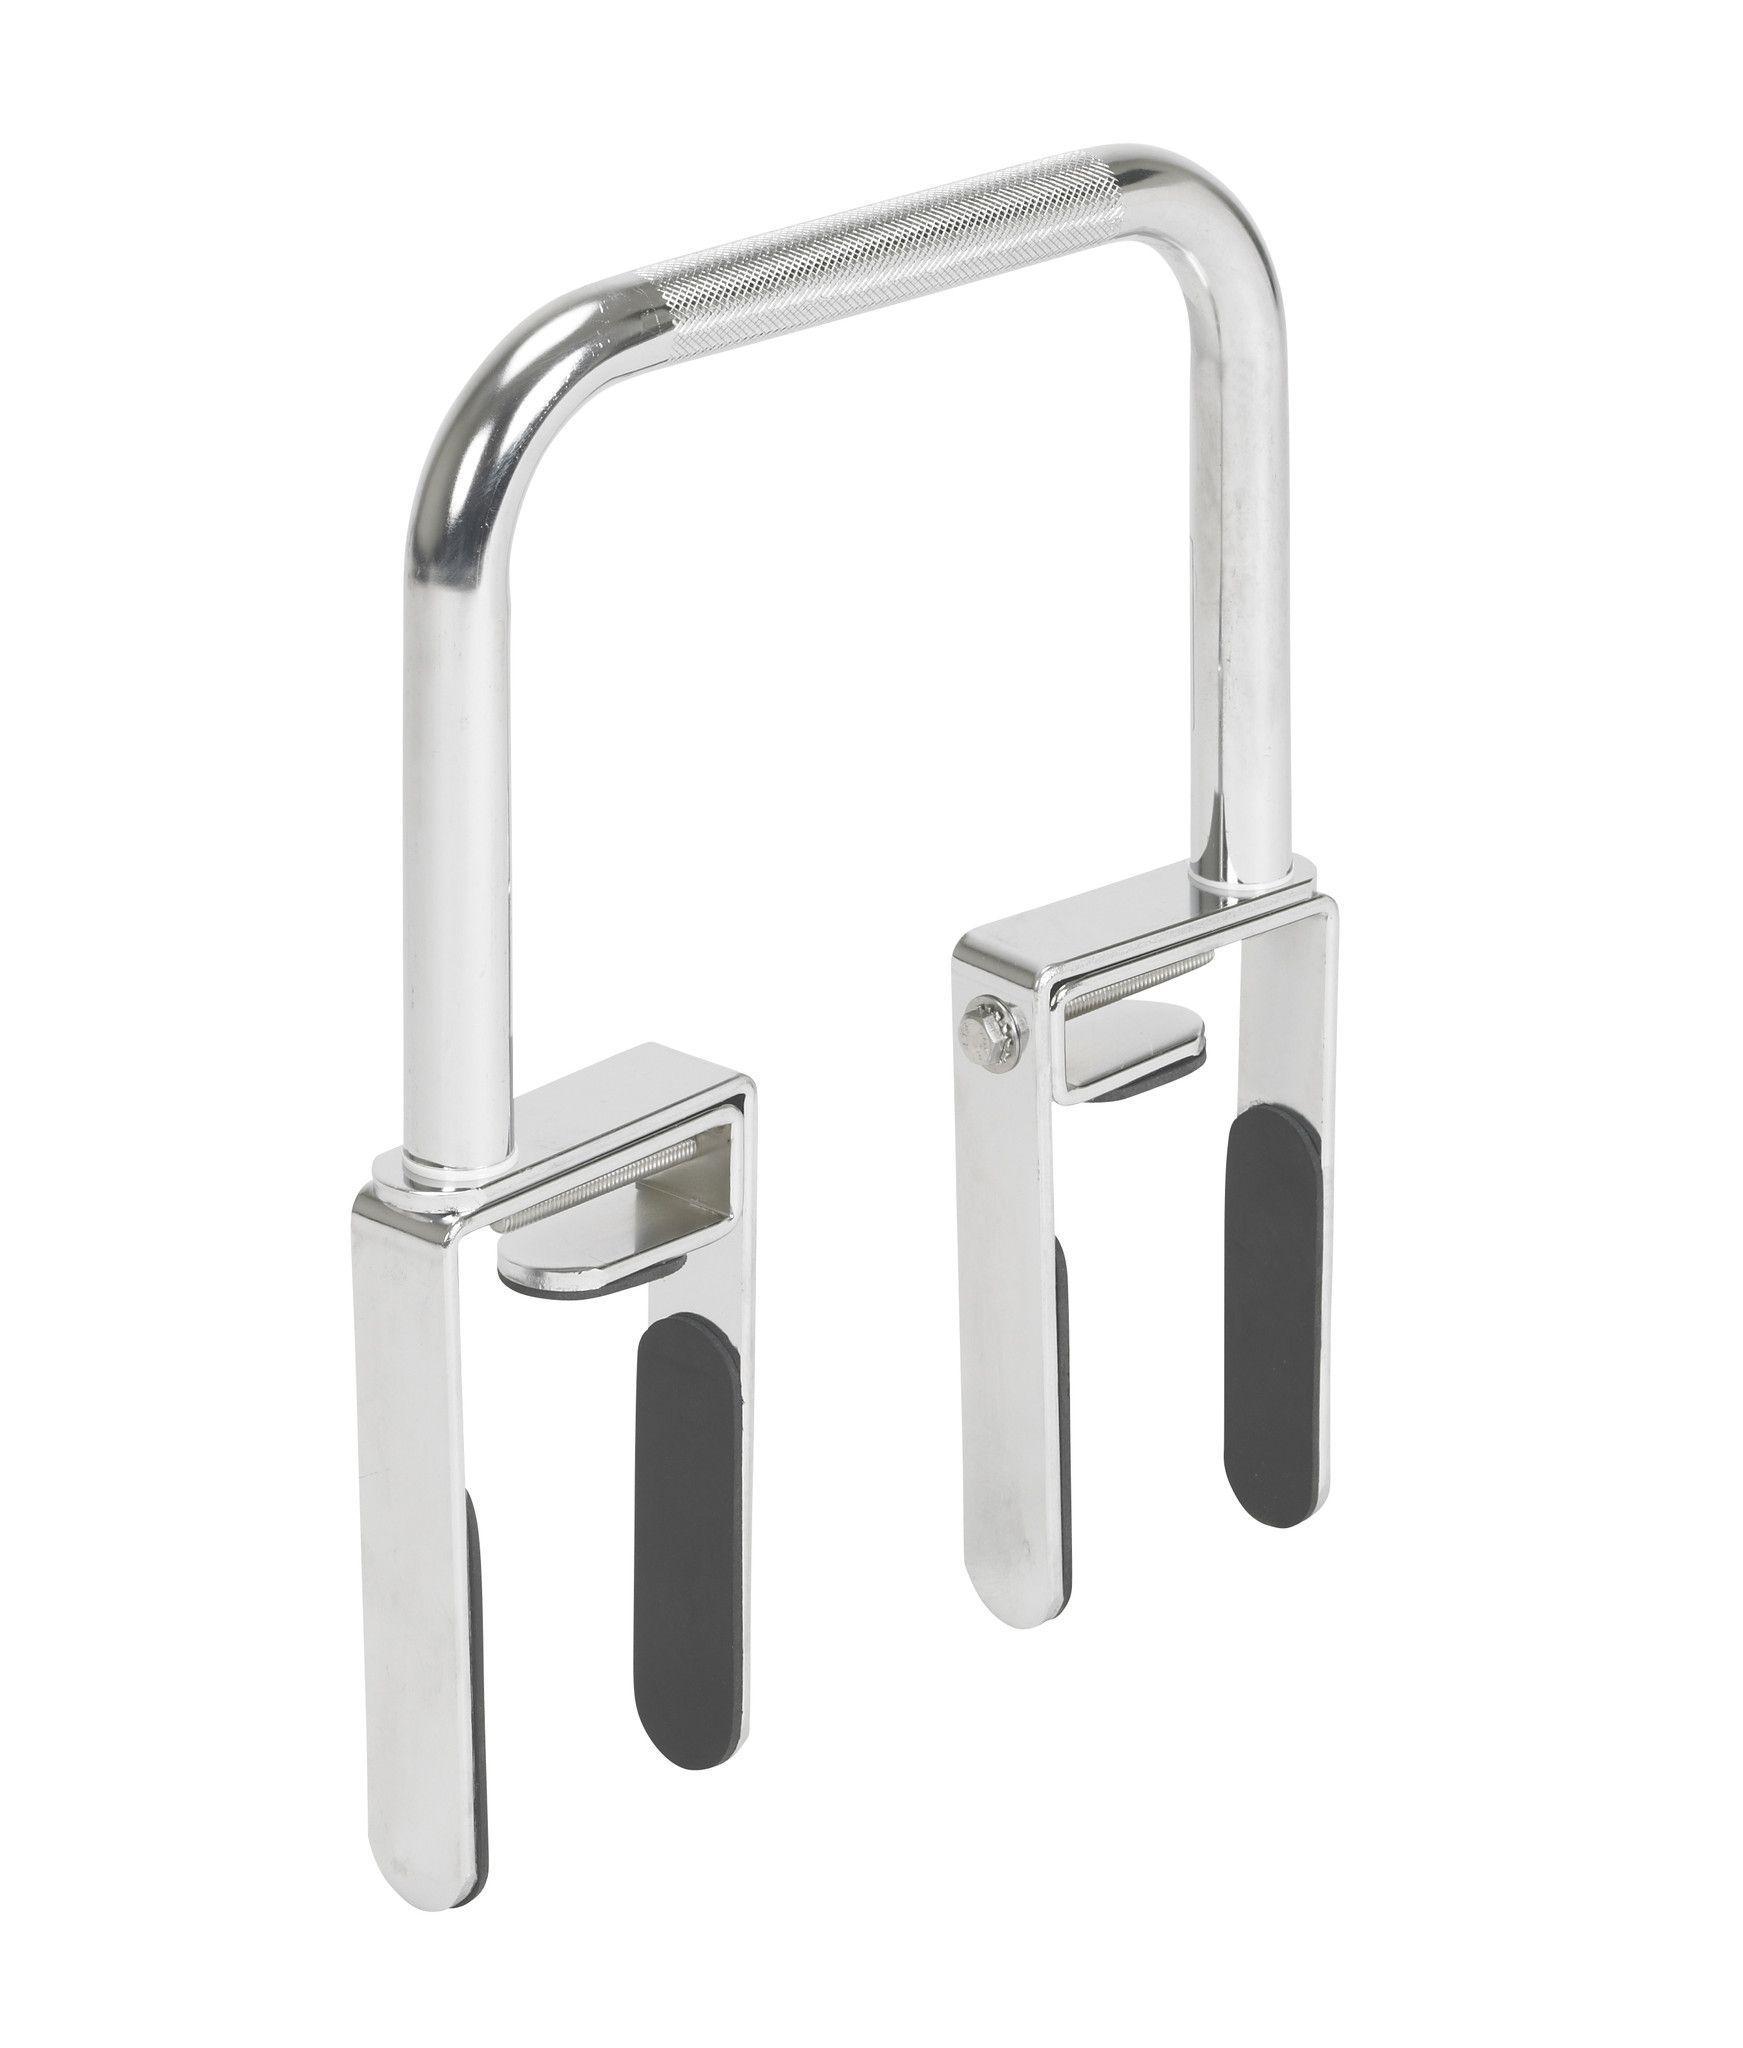 Bathtub safety rail grab bar elderlycareideas grab bars